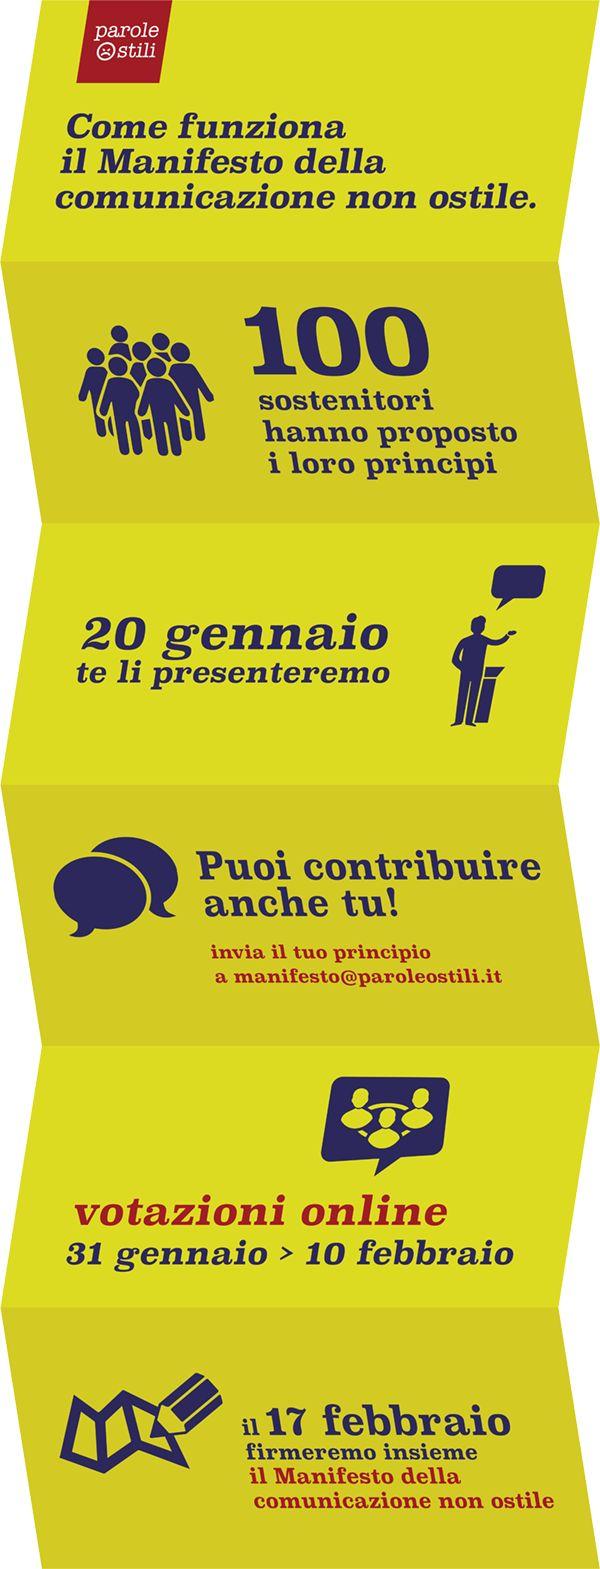 L'obiettivo del progetto Parole Ostili è ridare centralità al linguaggio, ripristinare i concetti base del rispetto degli interlocutori, soprattutto online.